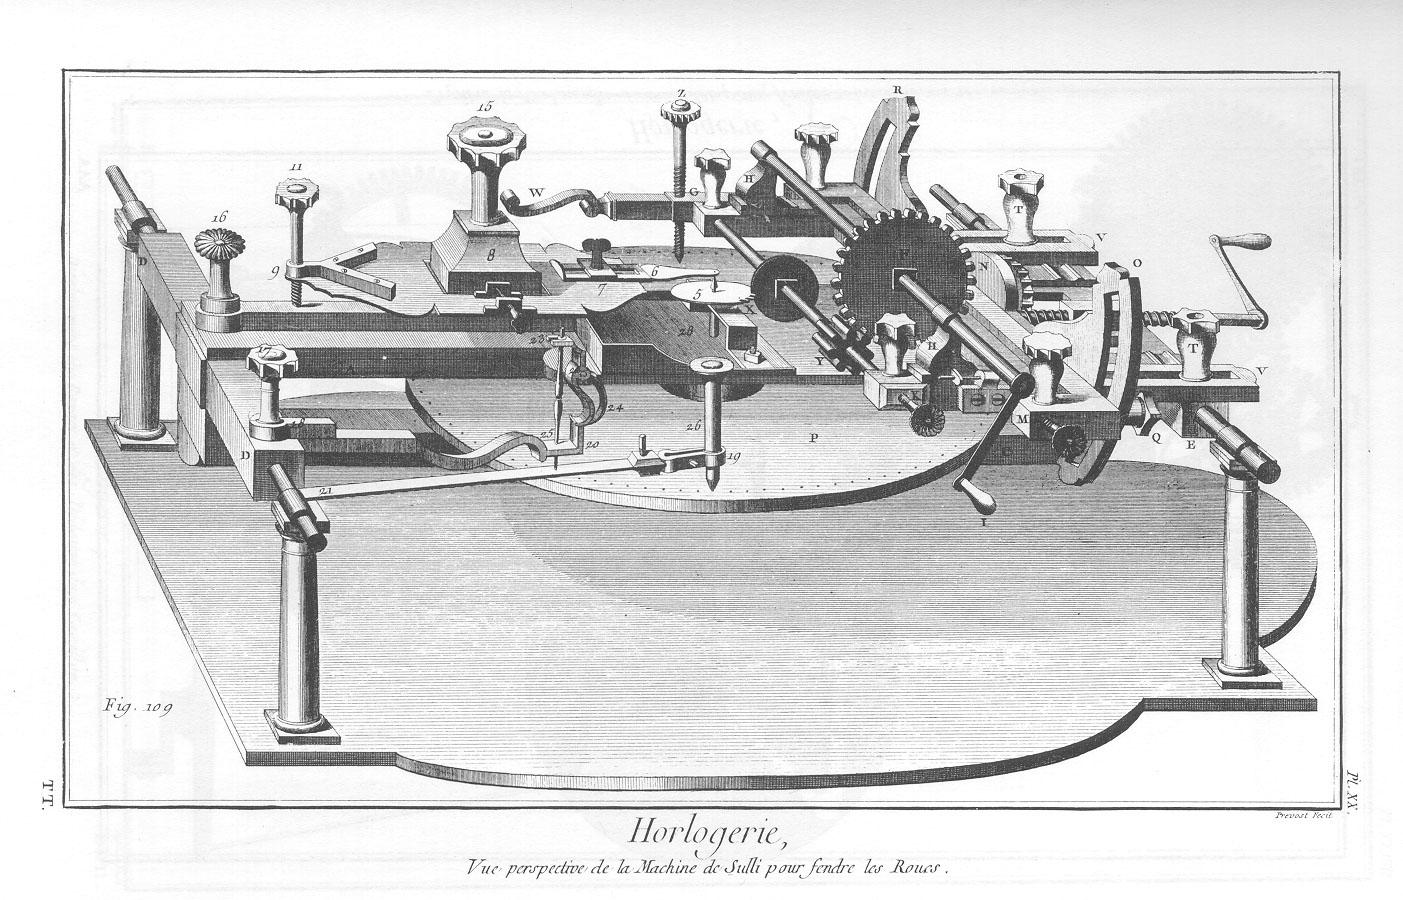 machines pour fendre les roues horlogerie ancienne